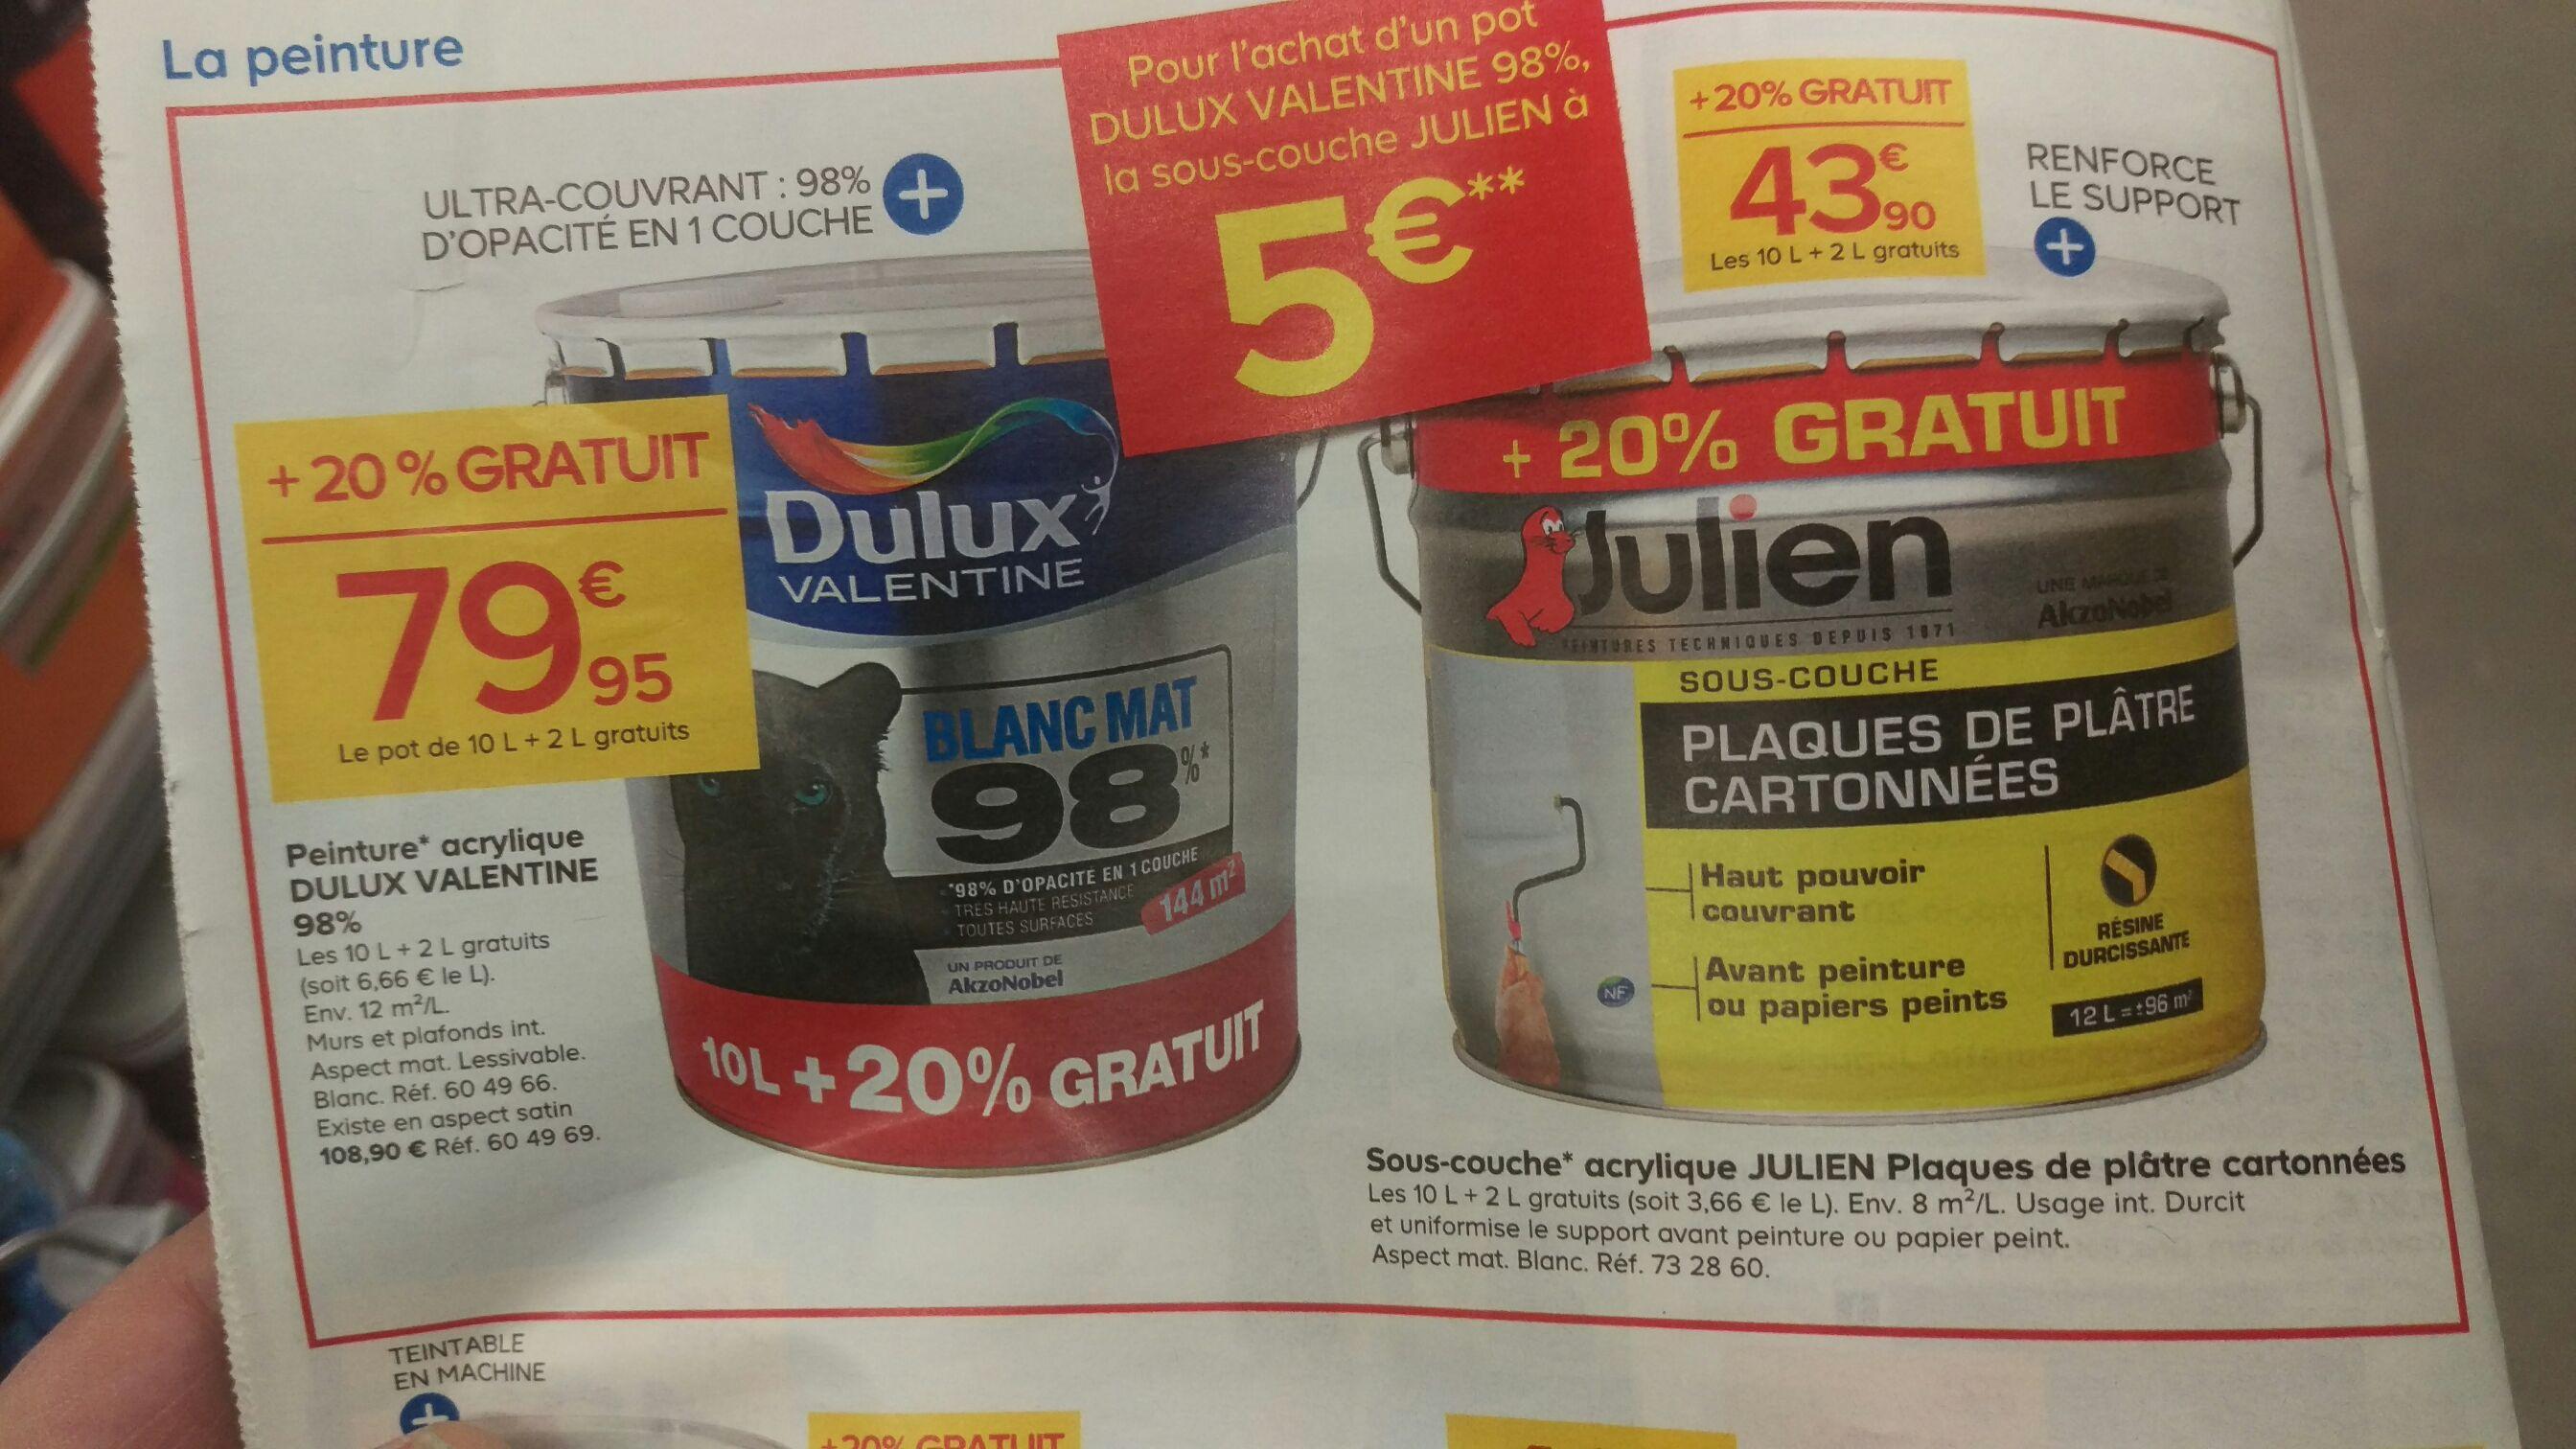 Peinture dulux valentine 98 12l sous couche julien placo 12l - Sous couche peinture julien ...